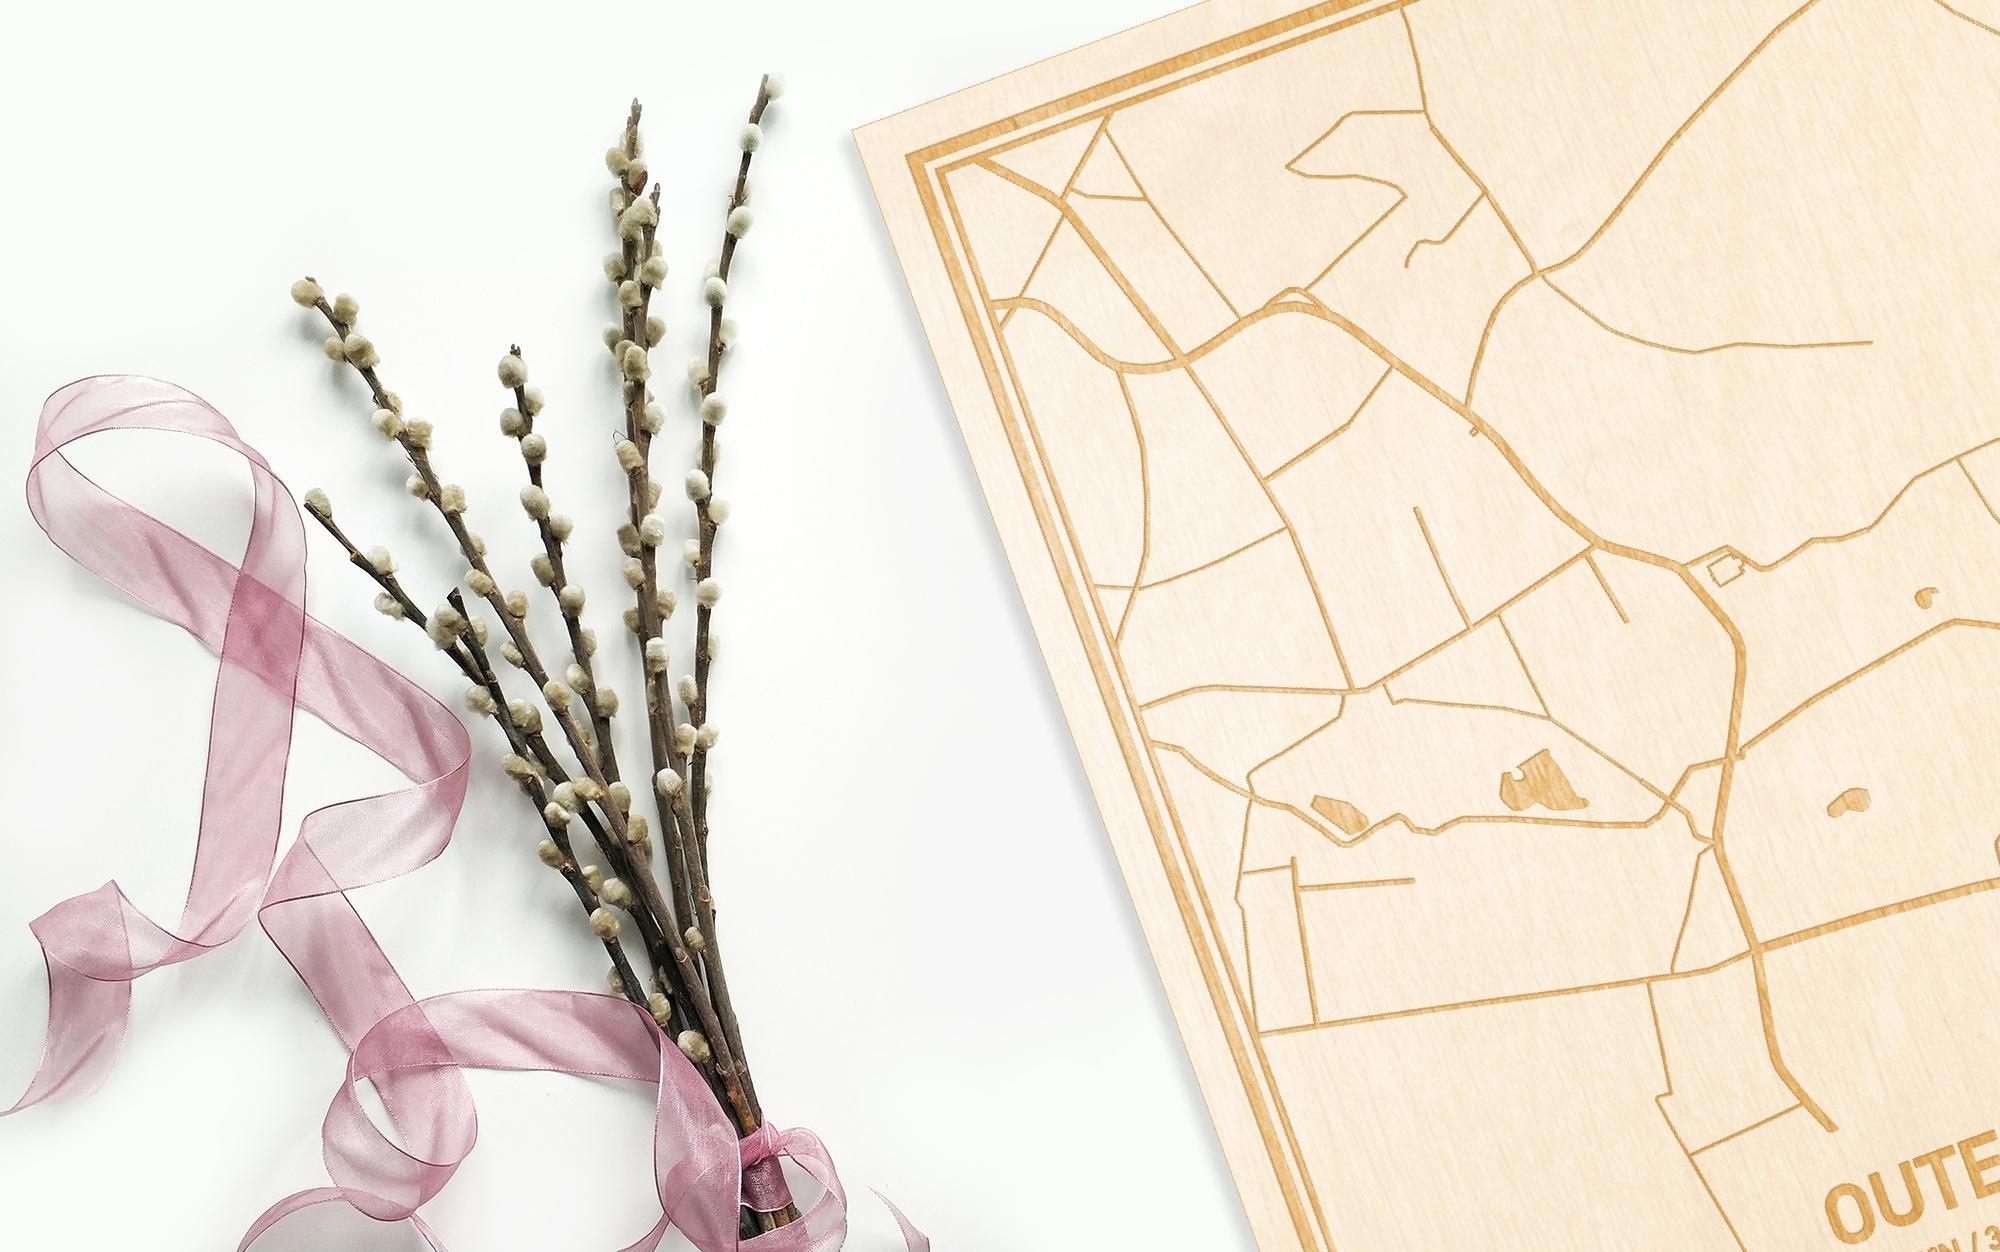 Hier ligt de houten plattegrond Outer naast een bloemetje als gepersonaliseerd cadeau voor haar.